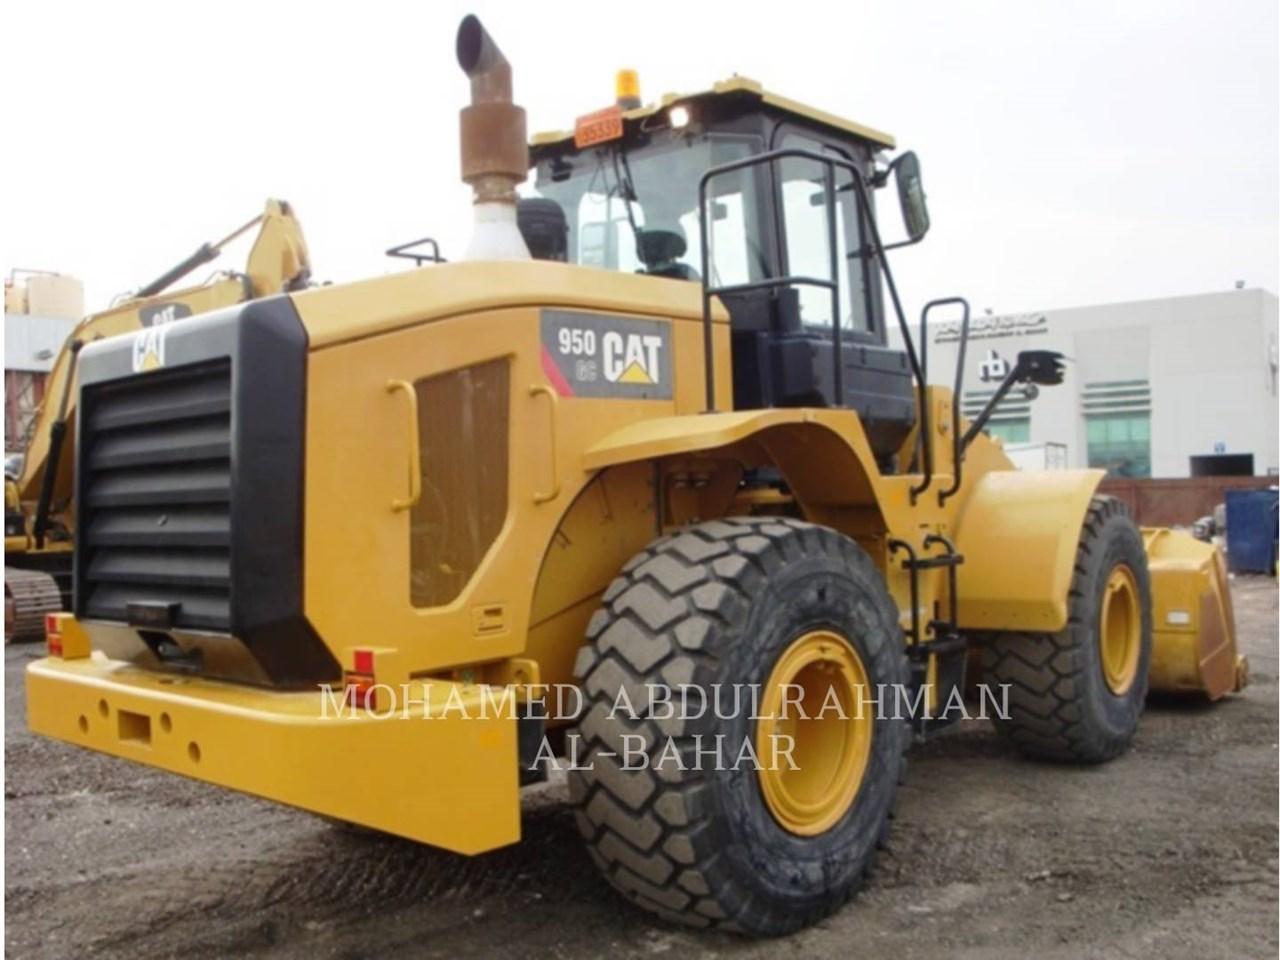 2018 Caterpillar 950GC Image 5